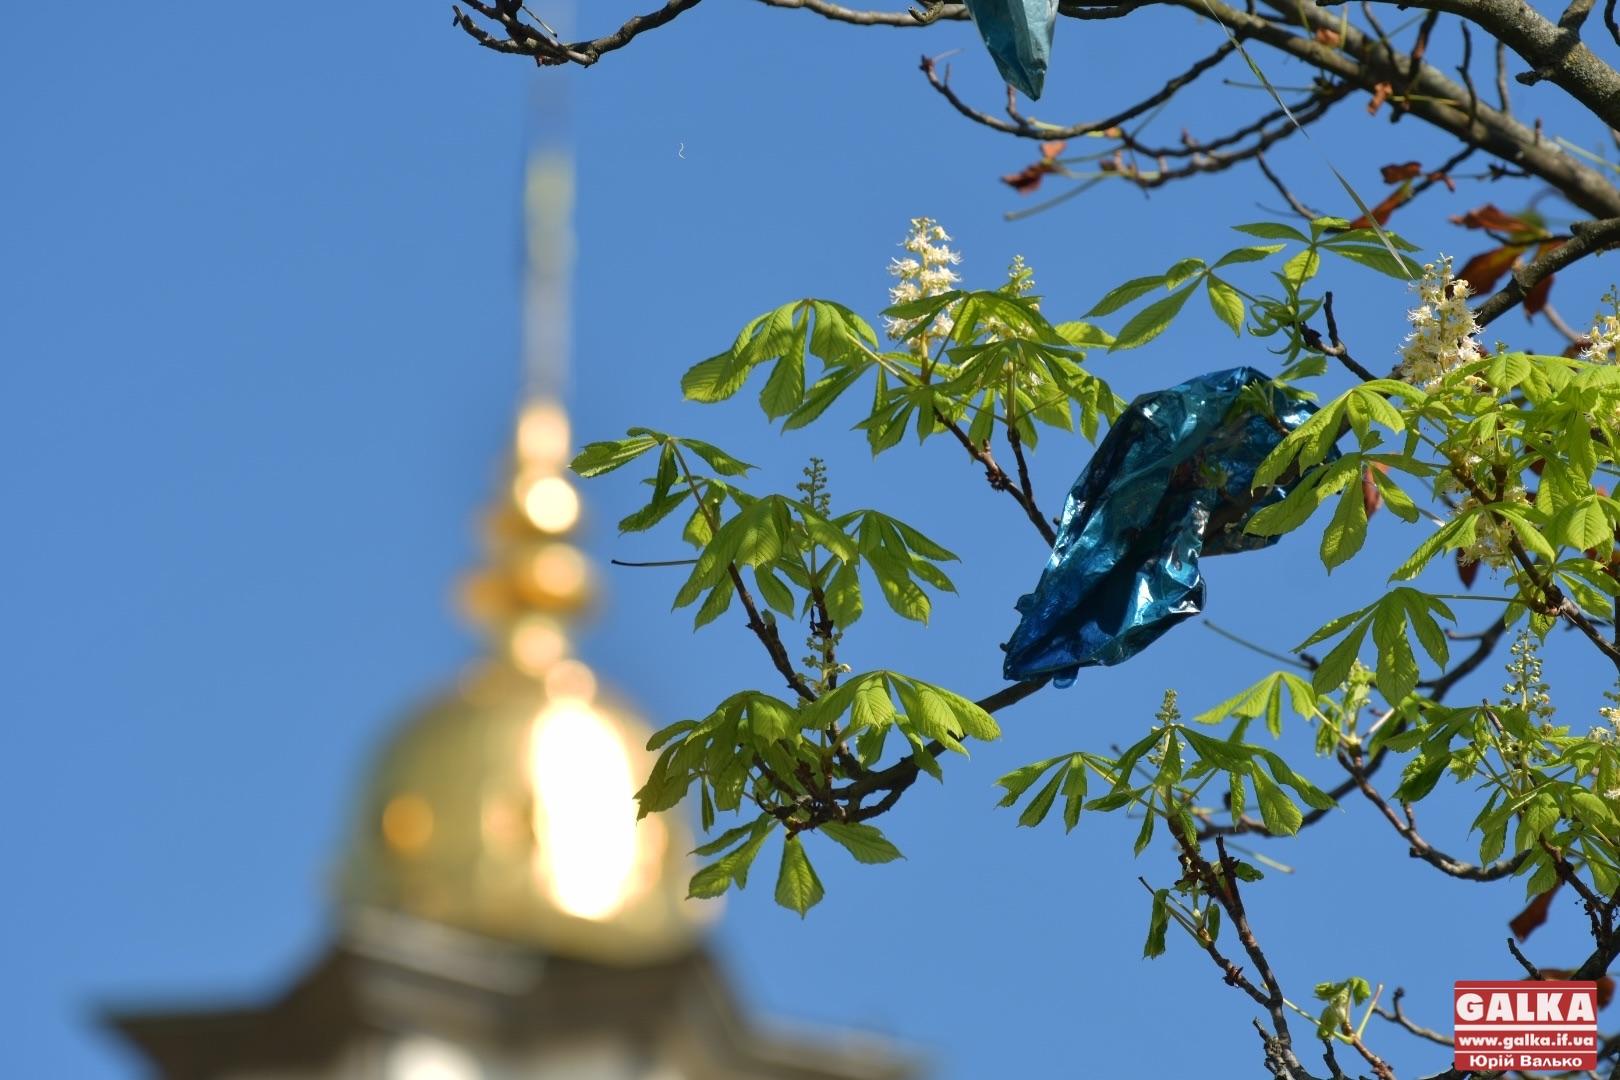 Осінь близько: у центрі Франківська розквітли каштани (ФОТО)